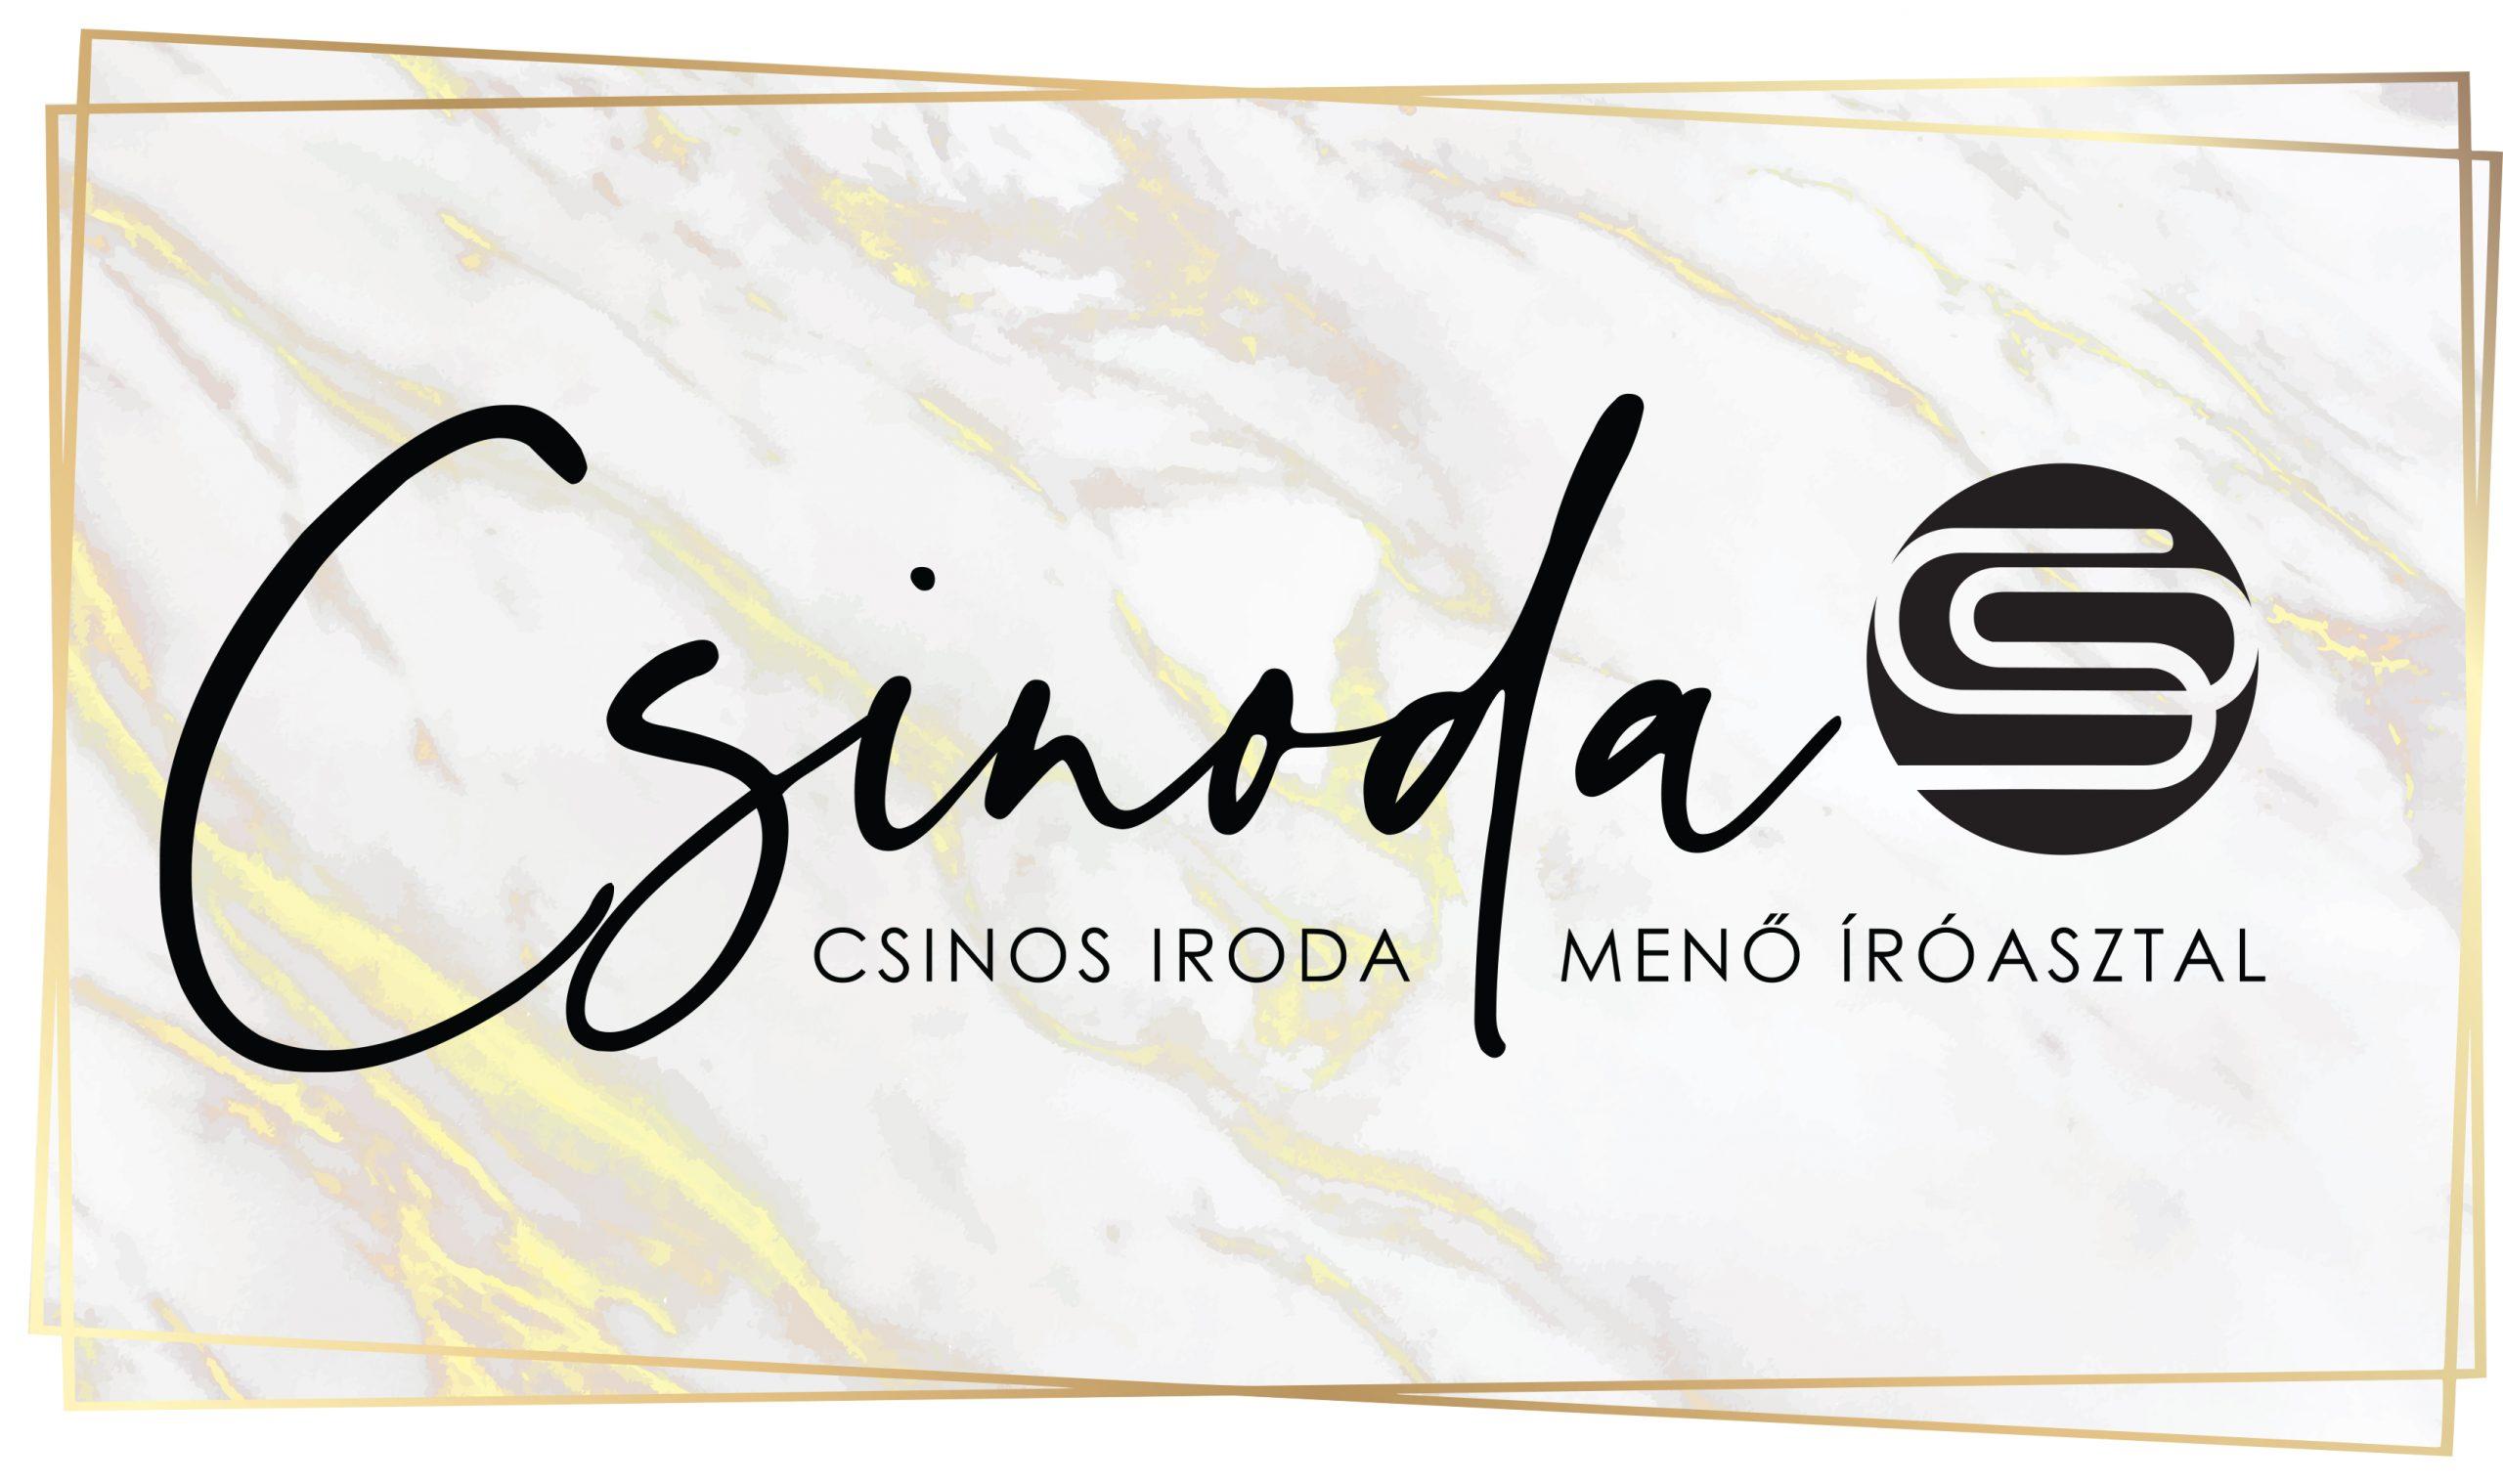 Csinoda.hu